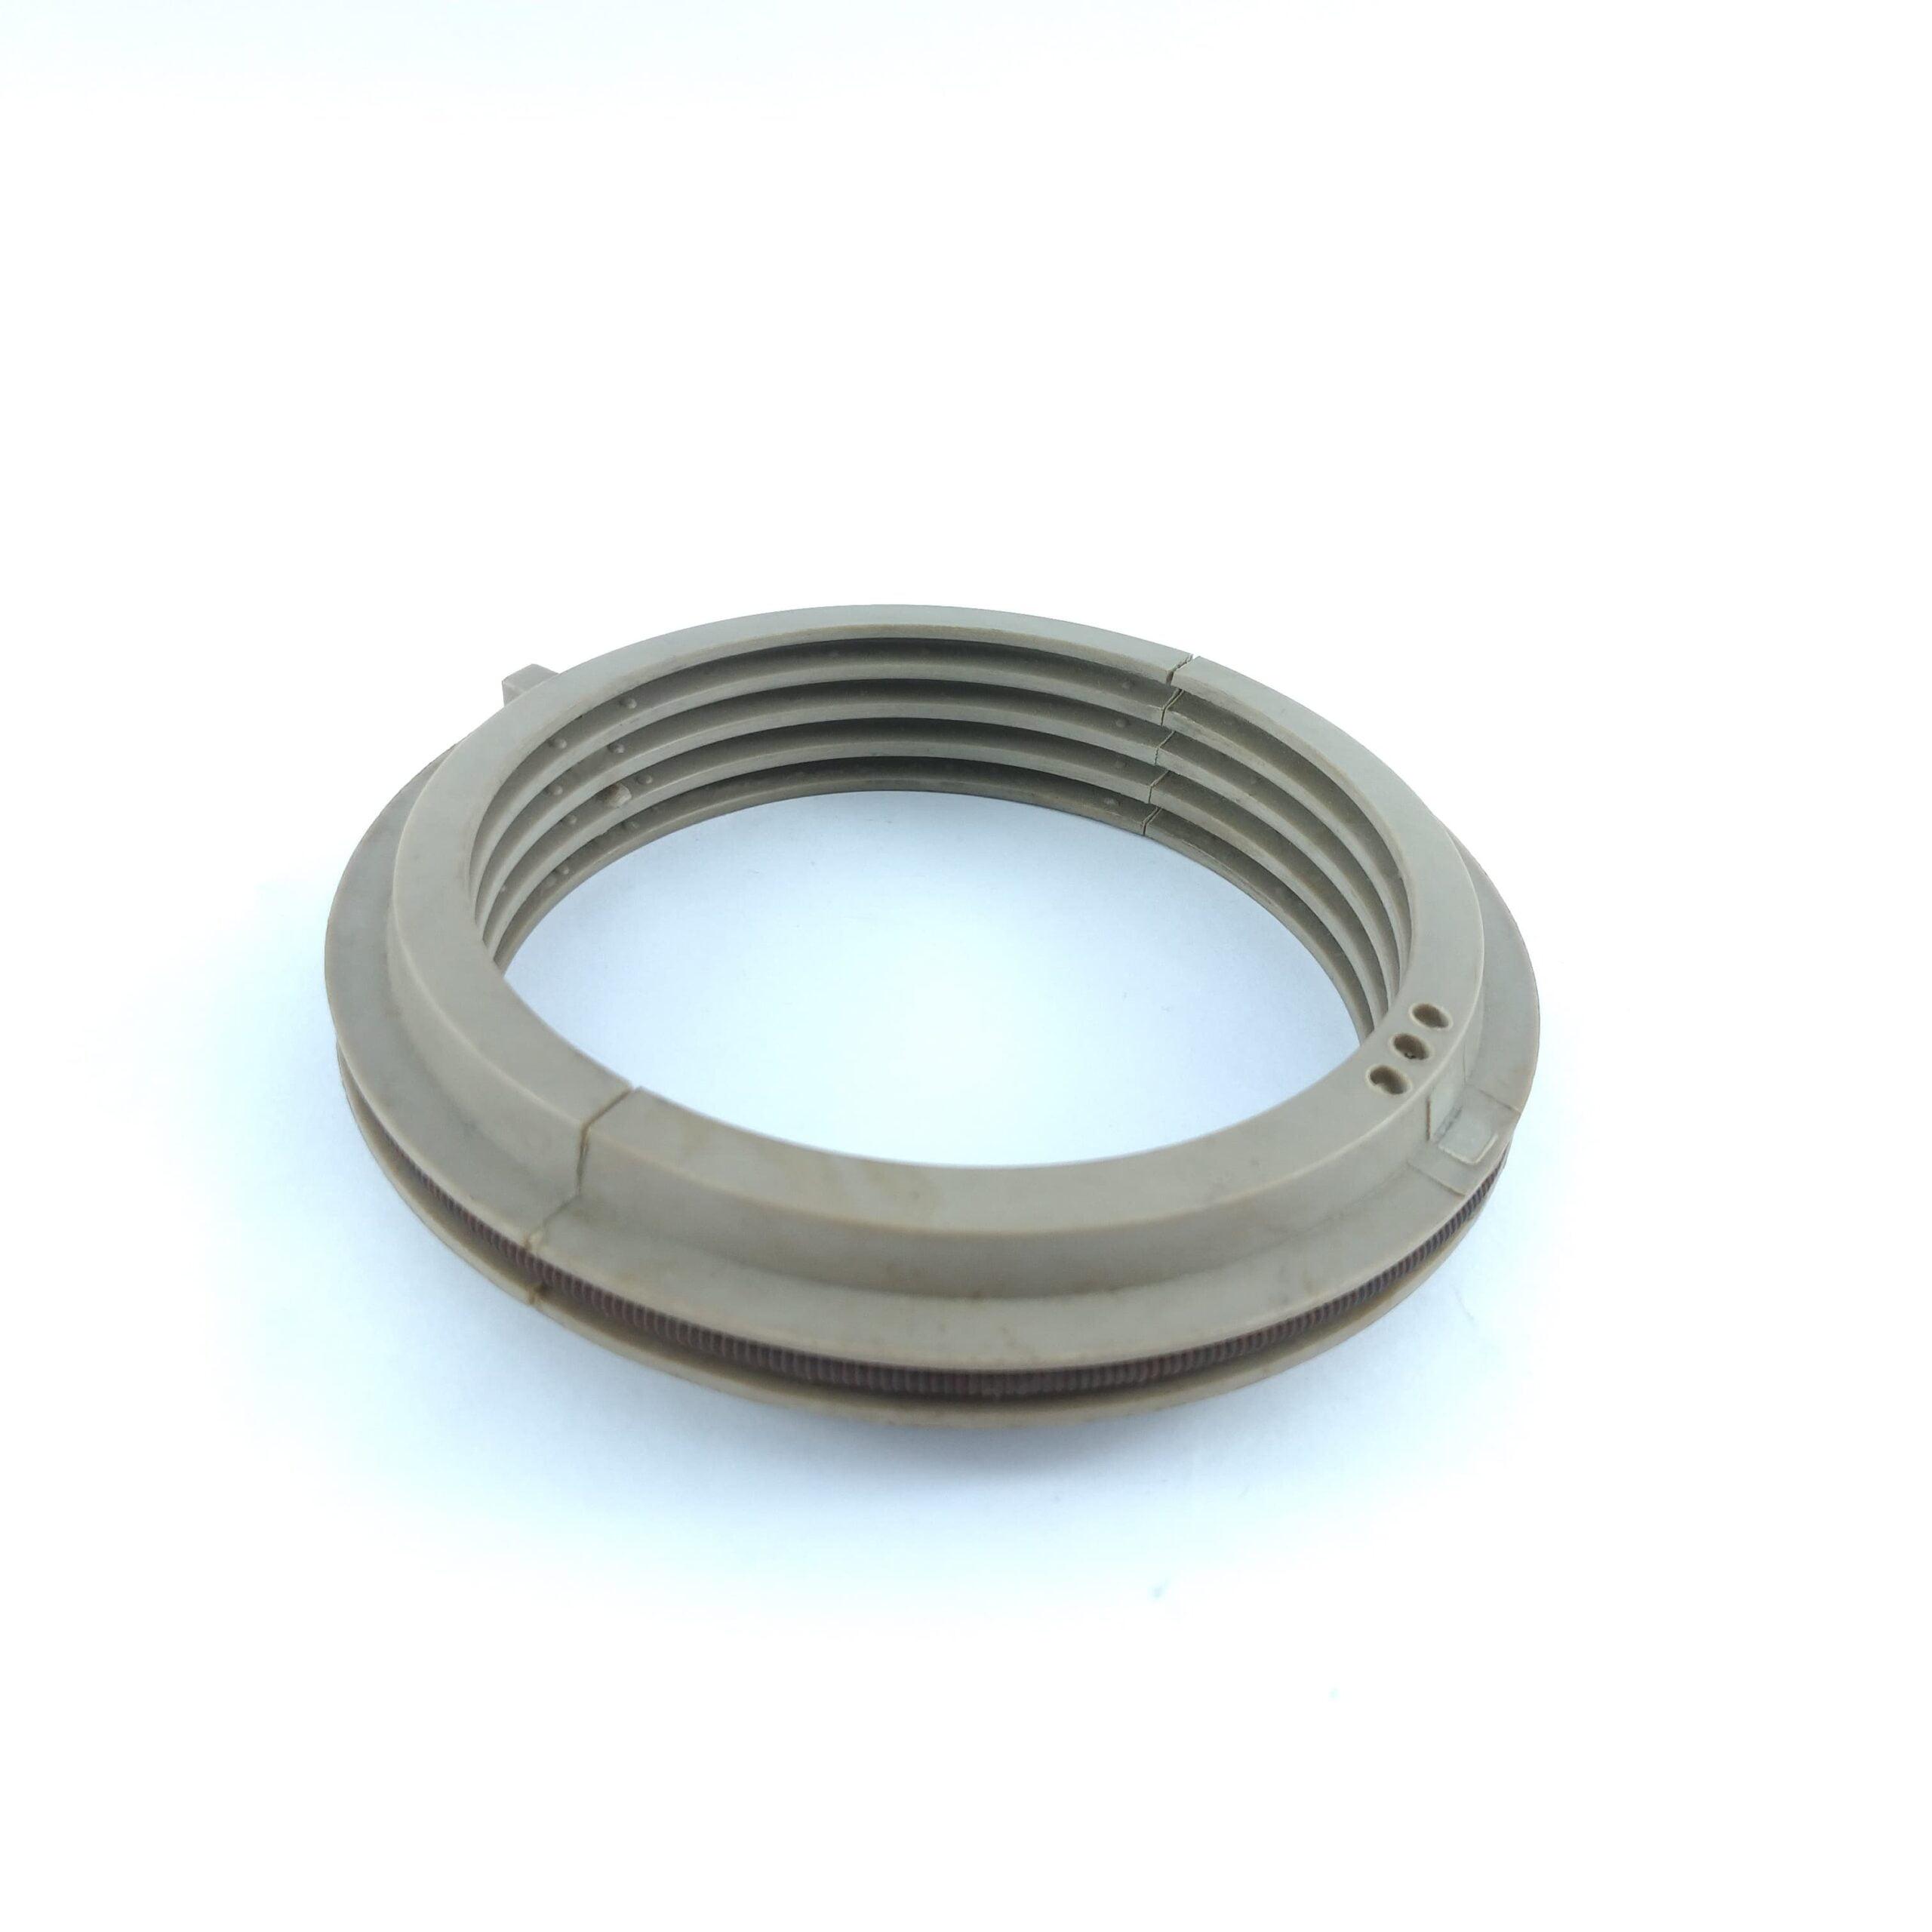 馬達-轉軸支撐環-自潤軸承-應用範例-謙淳